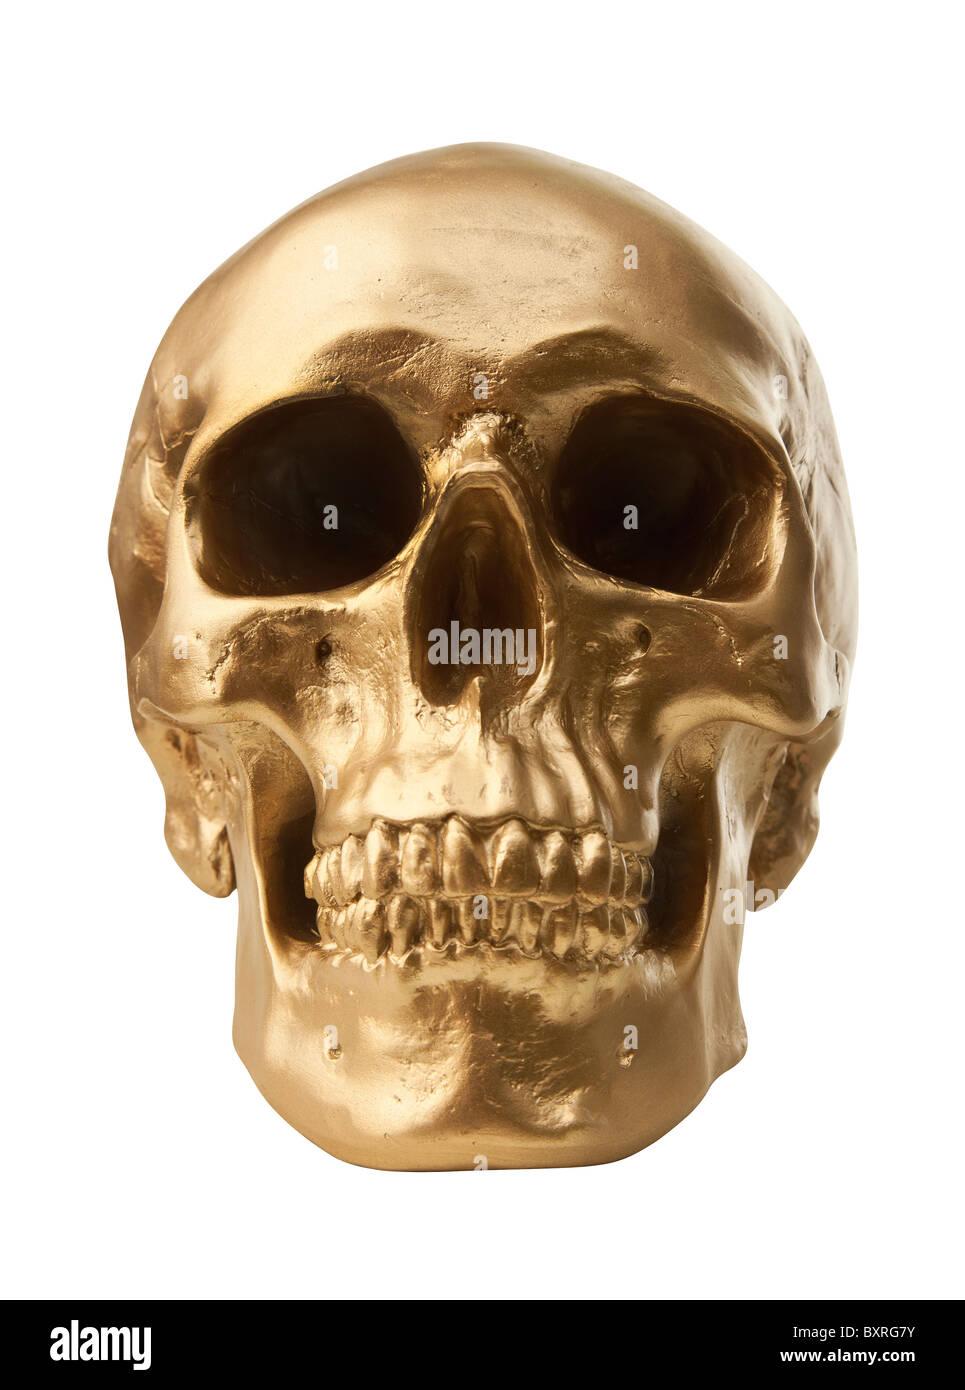 Golden crâne humain isolé sur fond blanc Banque D'Images